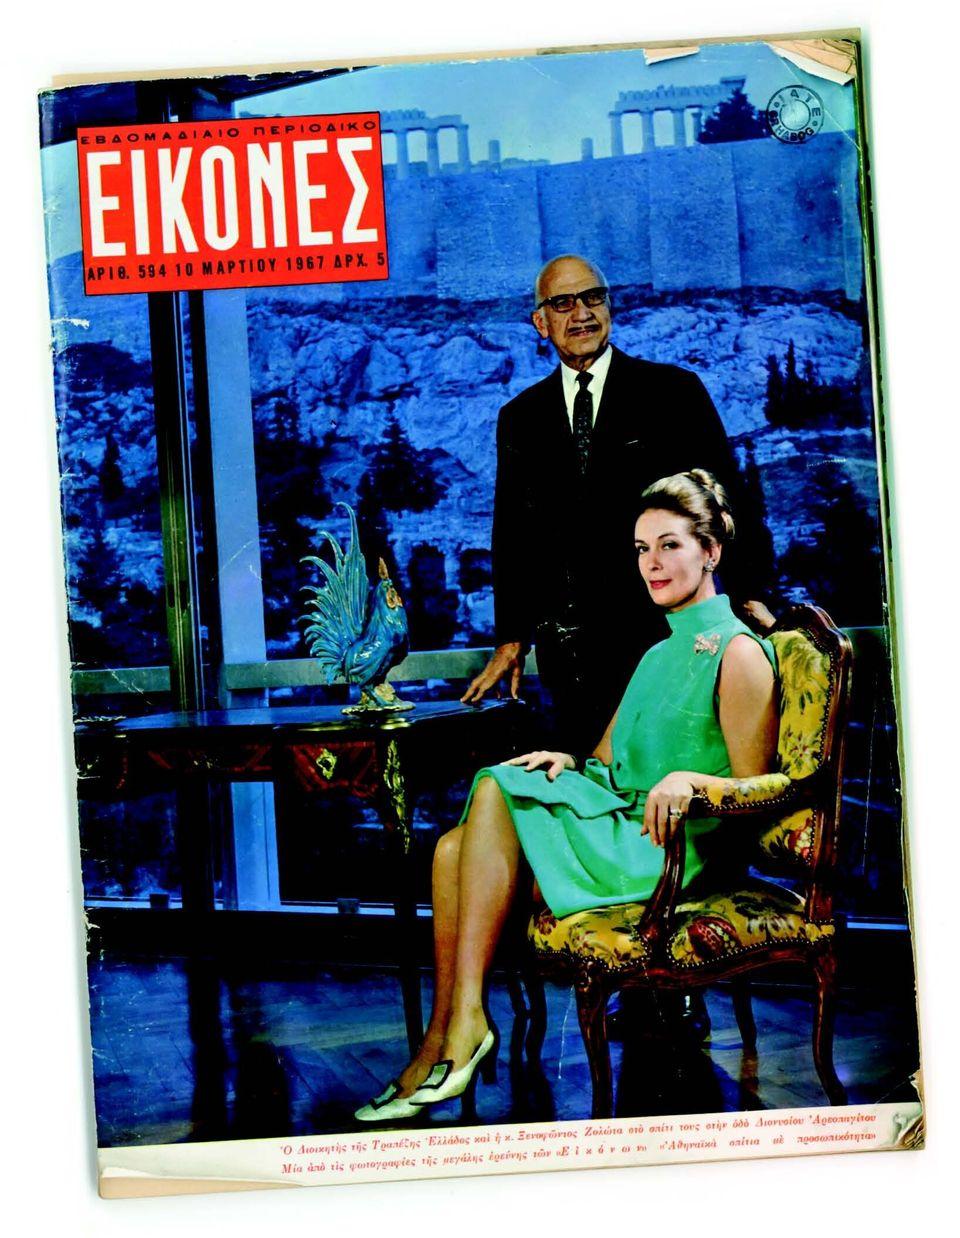 Εξώφυλλο του εβδομαδιαίου περιοδικού Εικόνες με τον Ξενοφώντα Ζολώτα και τη σύζυγό του στην κατοικία τους, 10.3.1967.